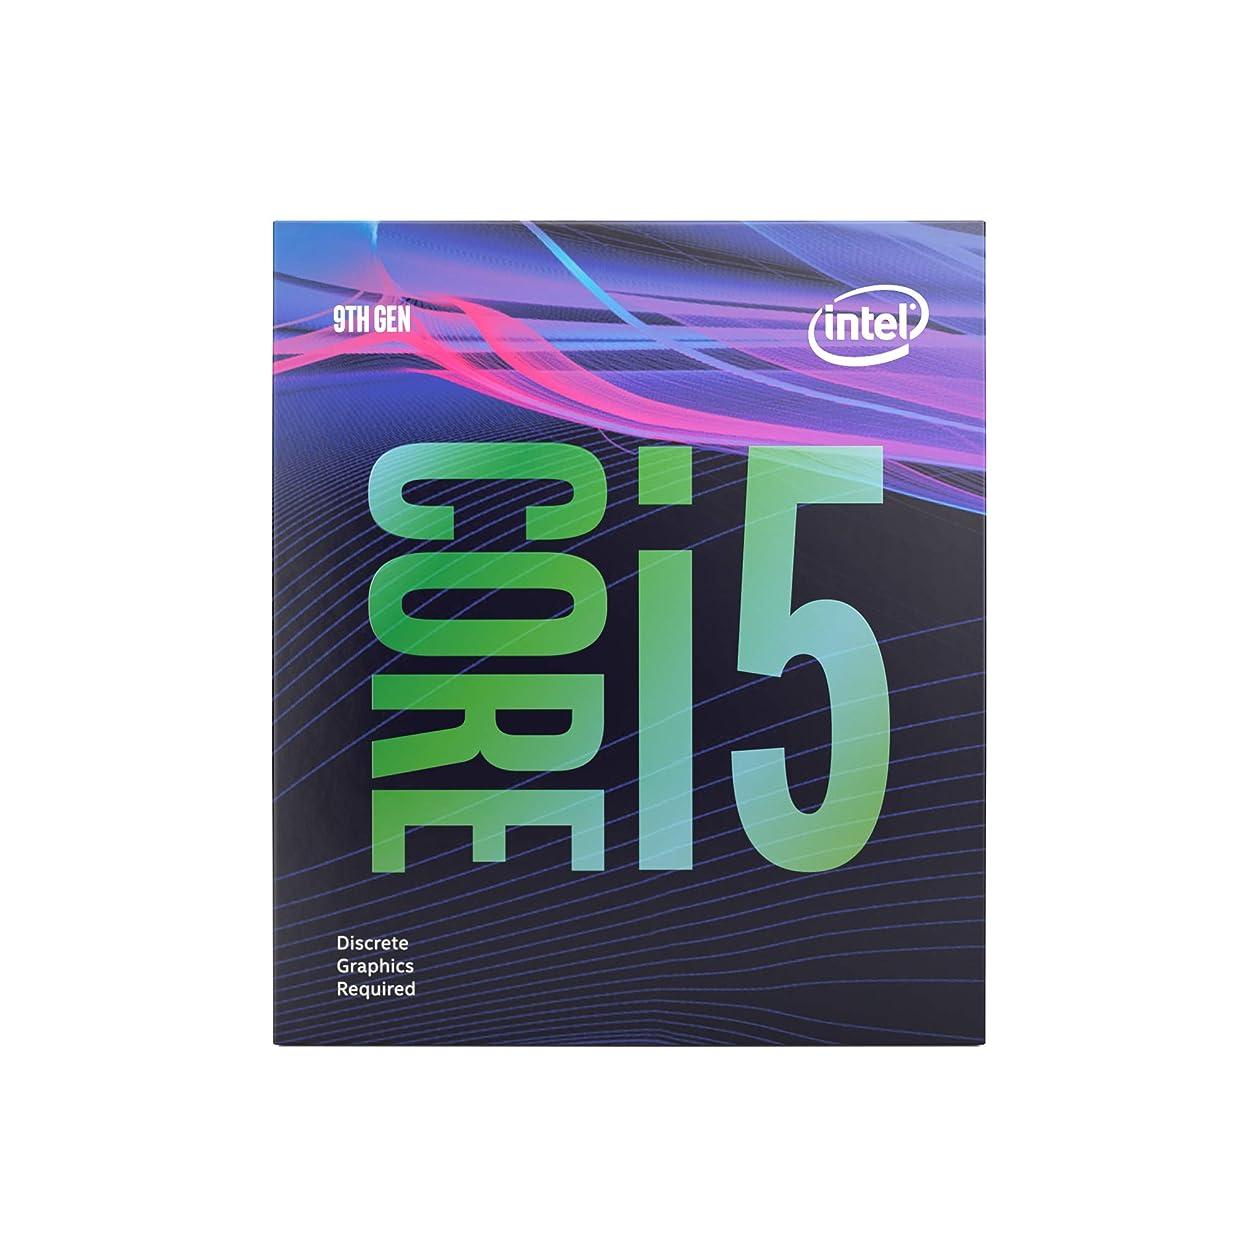 処方する計り知れない青INTEL インテル Core i5 9400F 6コア / 9MBキャッシュ / LGA1151 CPU BX80684I59400F 【BOX】【日本正規流通品】